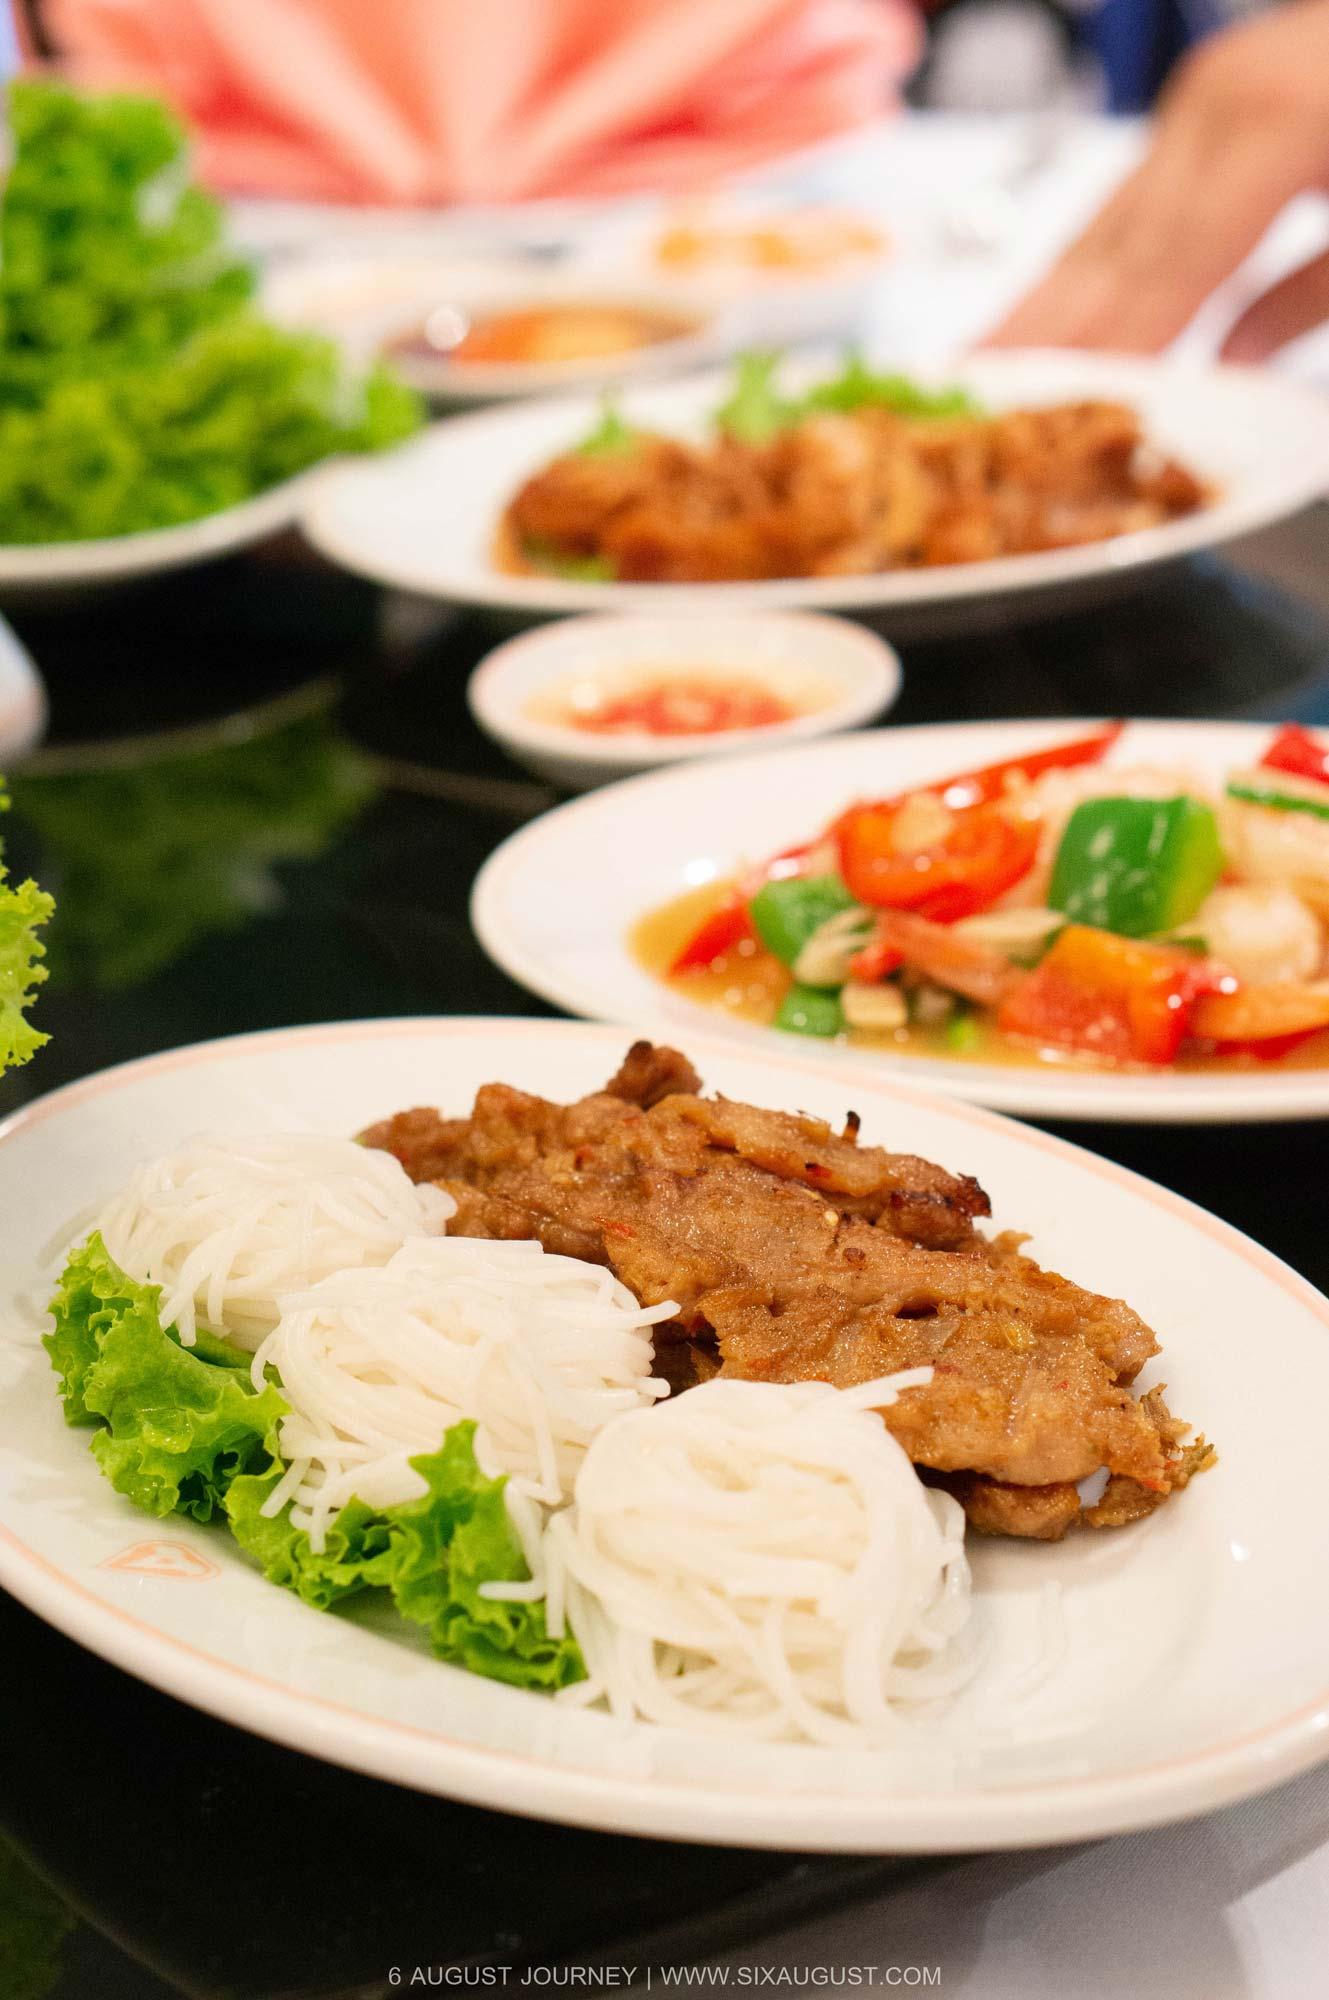 ขนมจีนหน้าหมูย่าง บุฟเฟ่ต์อาหารเวียดนาม